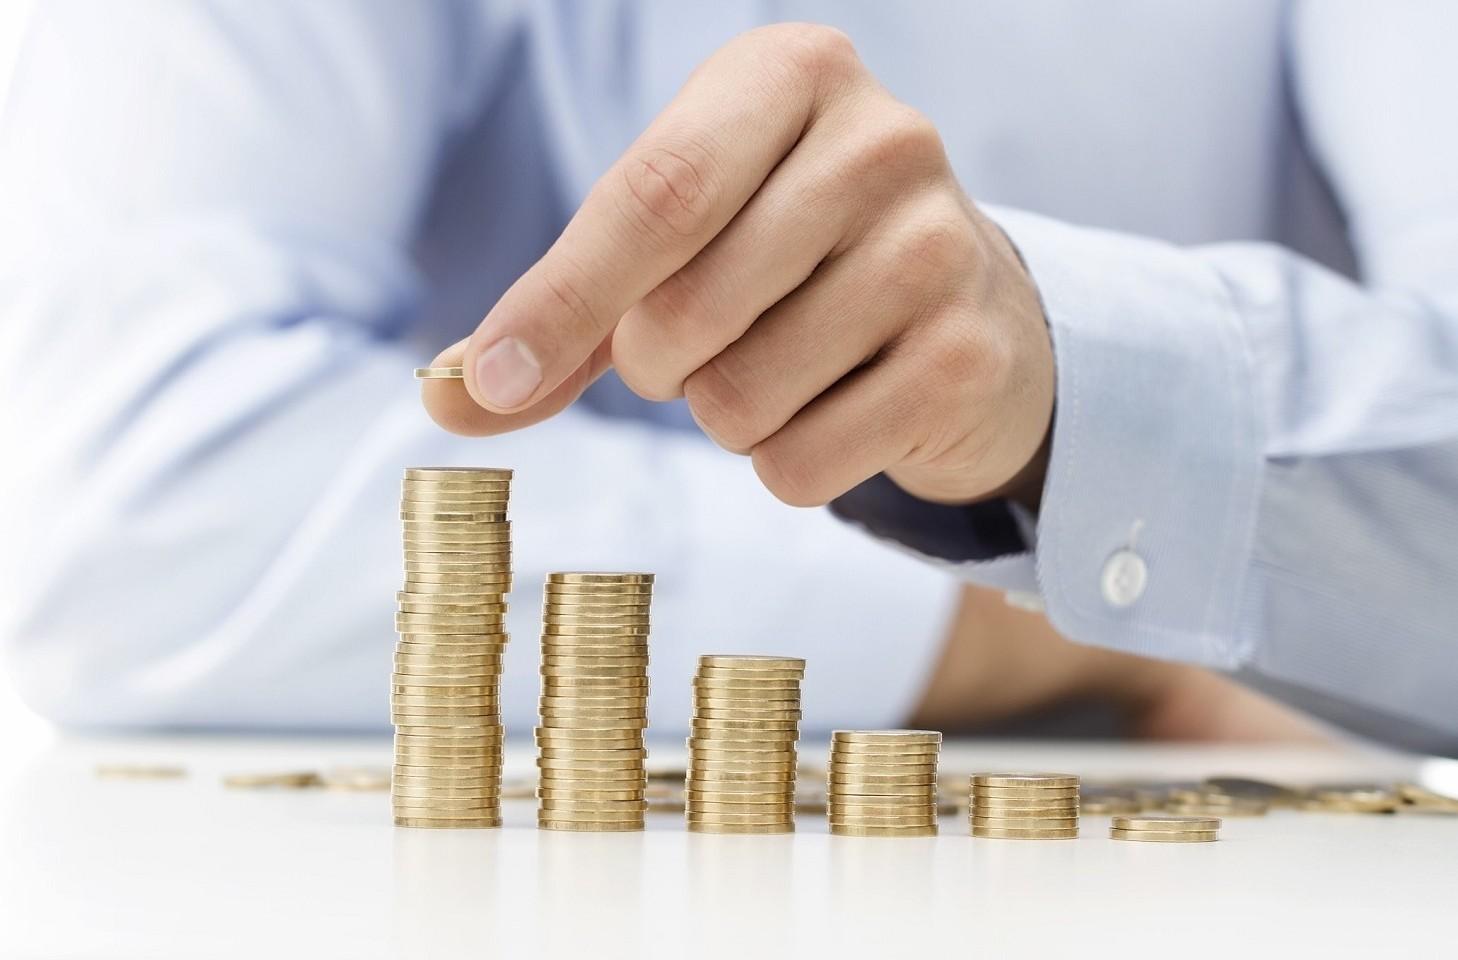 Stipendio part time dal lordo al netto. Calcolo, esempi voci in busta paga